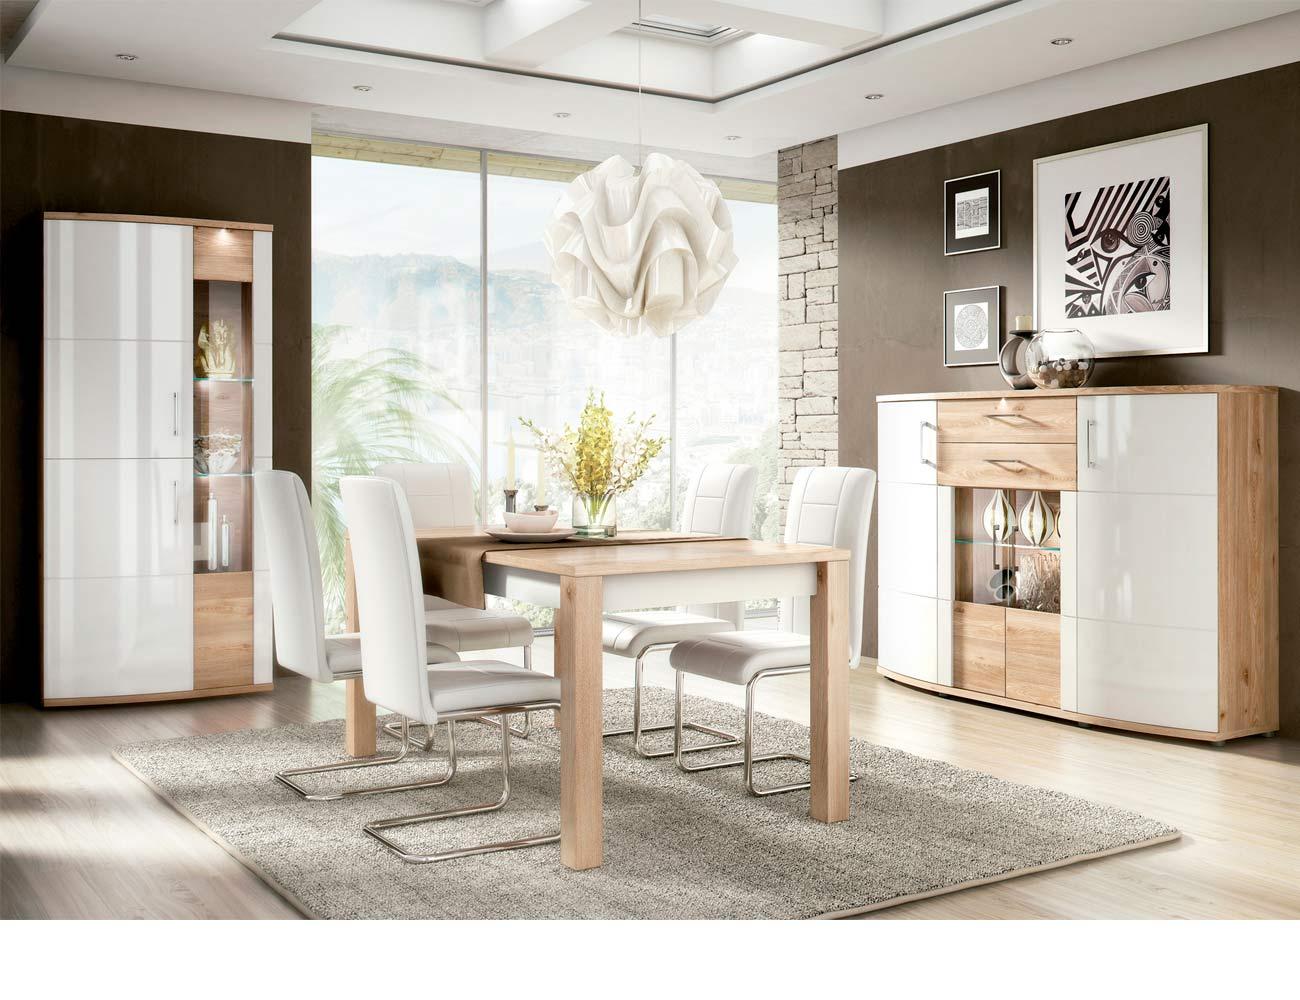 Ambiente9 mueble salon comedor vitrina bodeguero mesa sillas tapizadas aparador nelson blanco